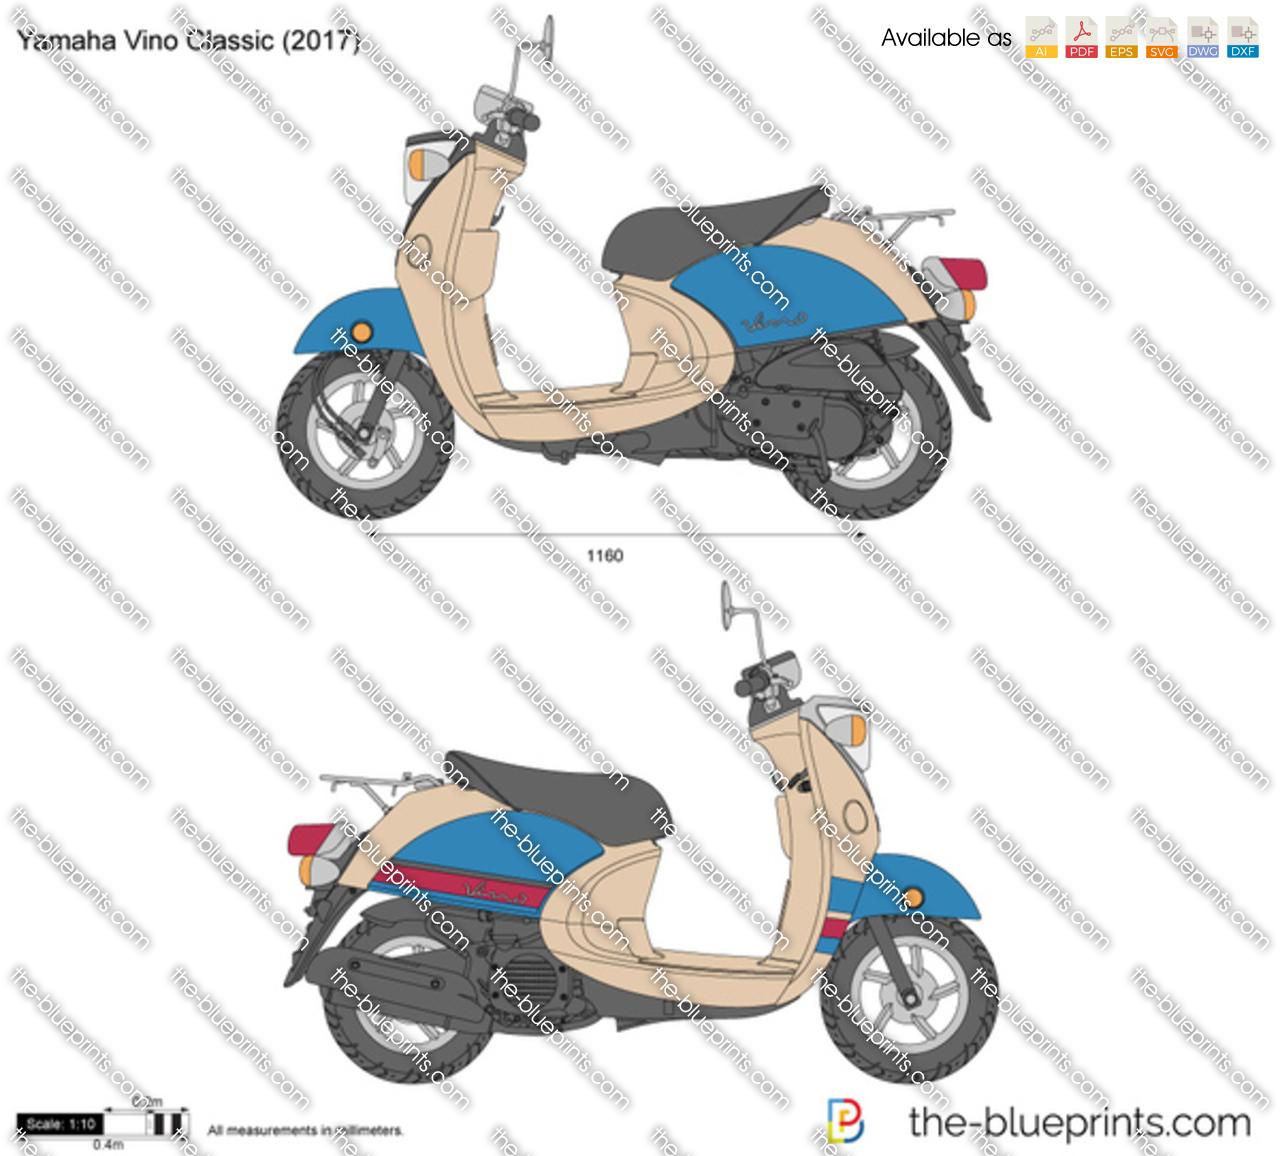 Yamaha Vino Classic 2018